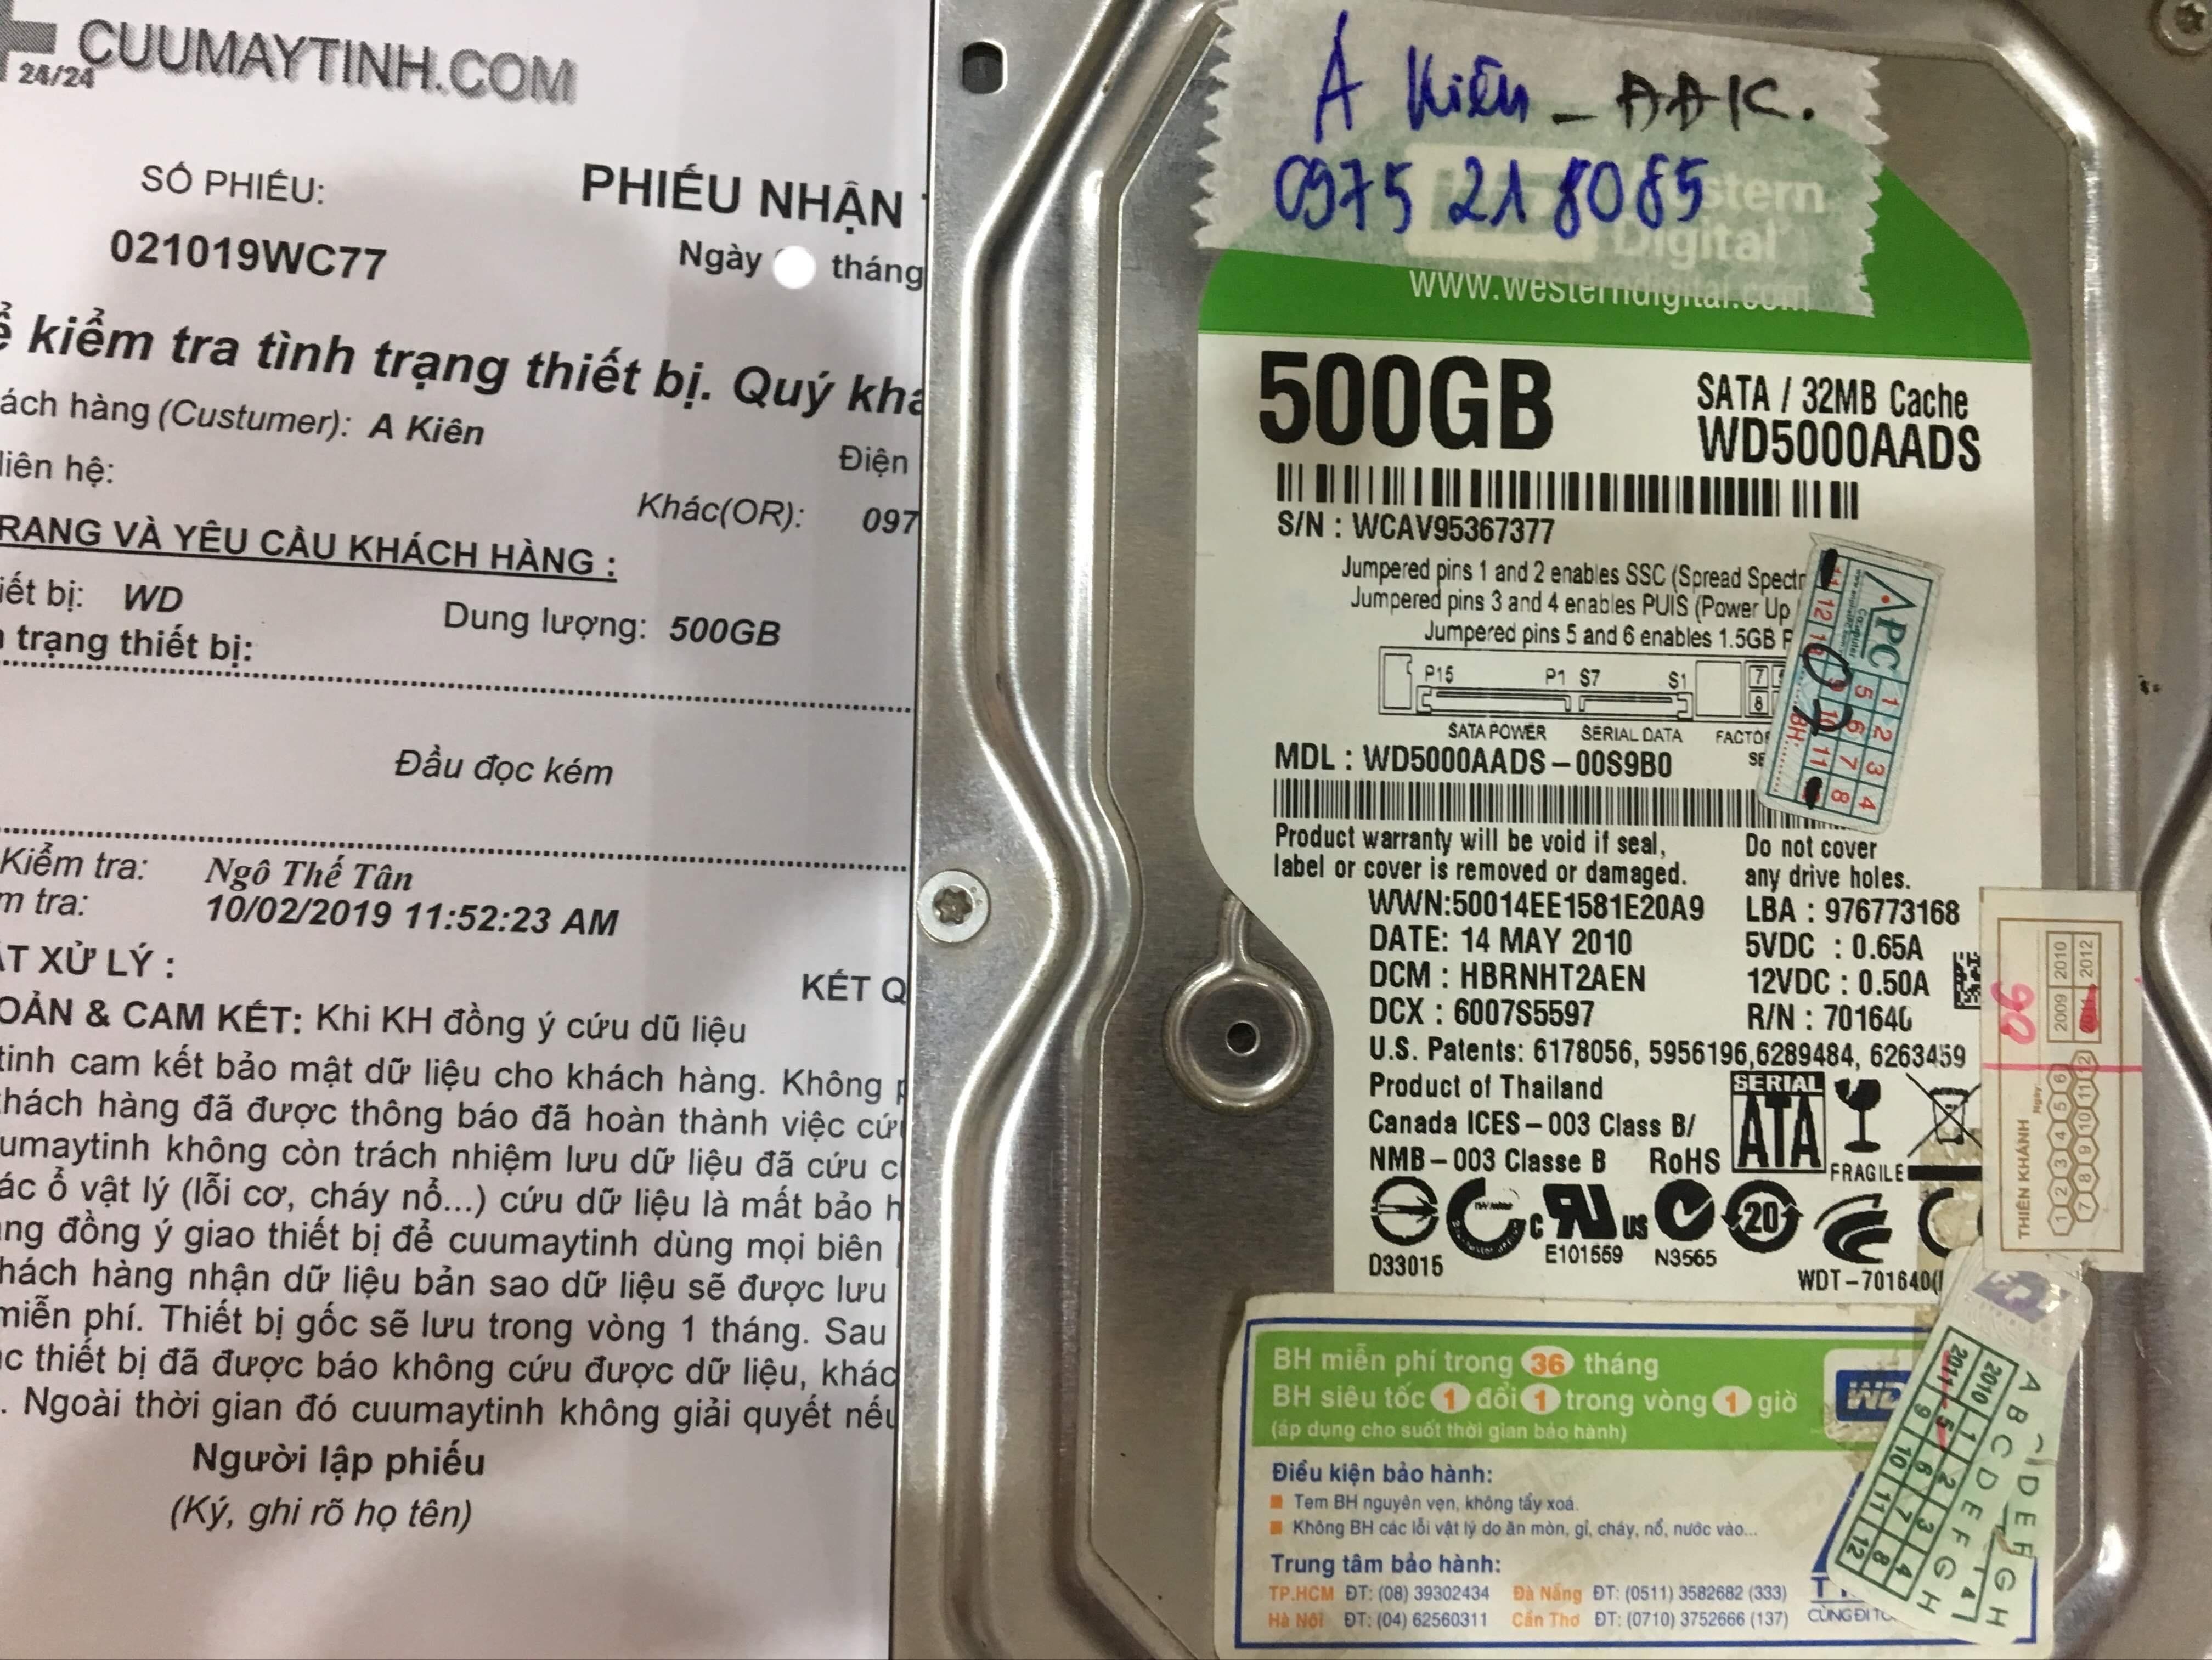 Cứu dữ liệu ổ cứng Western 500GB đầu đọc kém 09/10/2019 - cuumaytinh